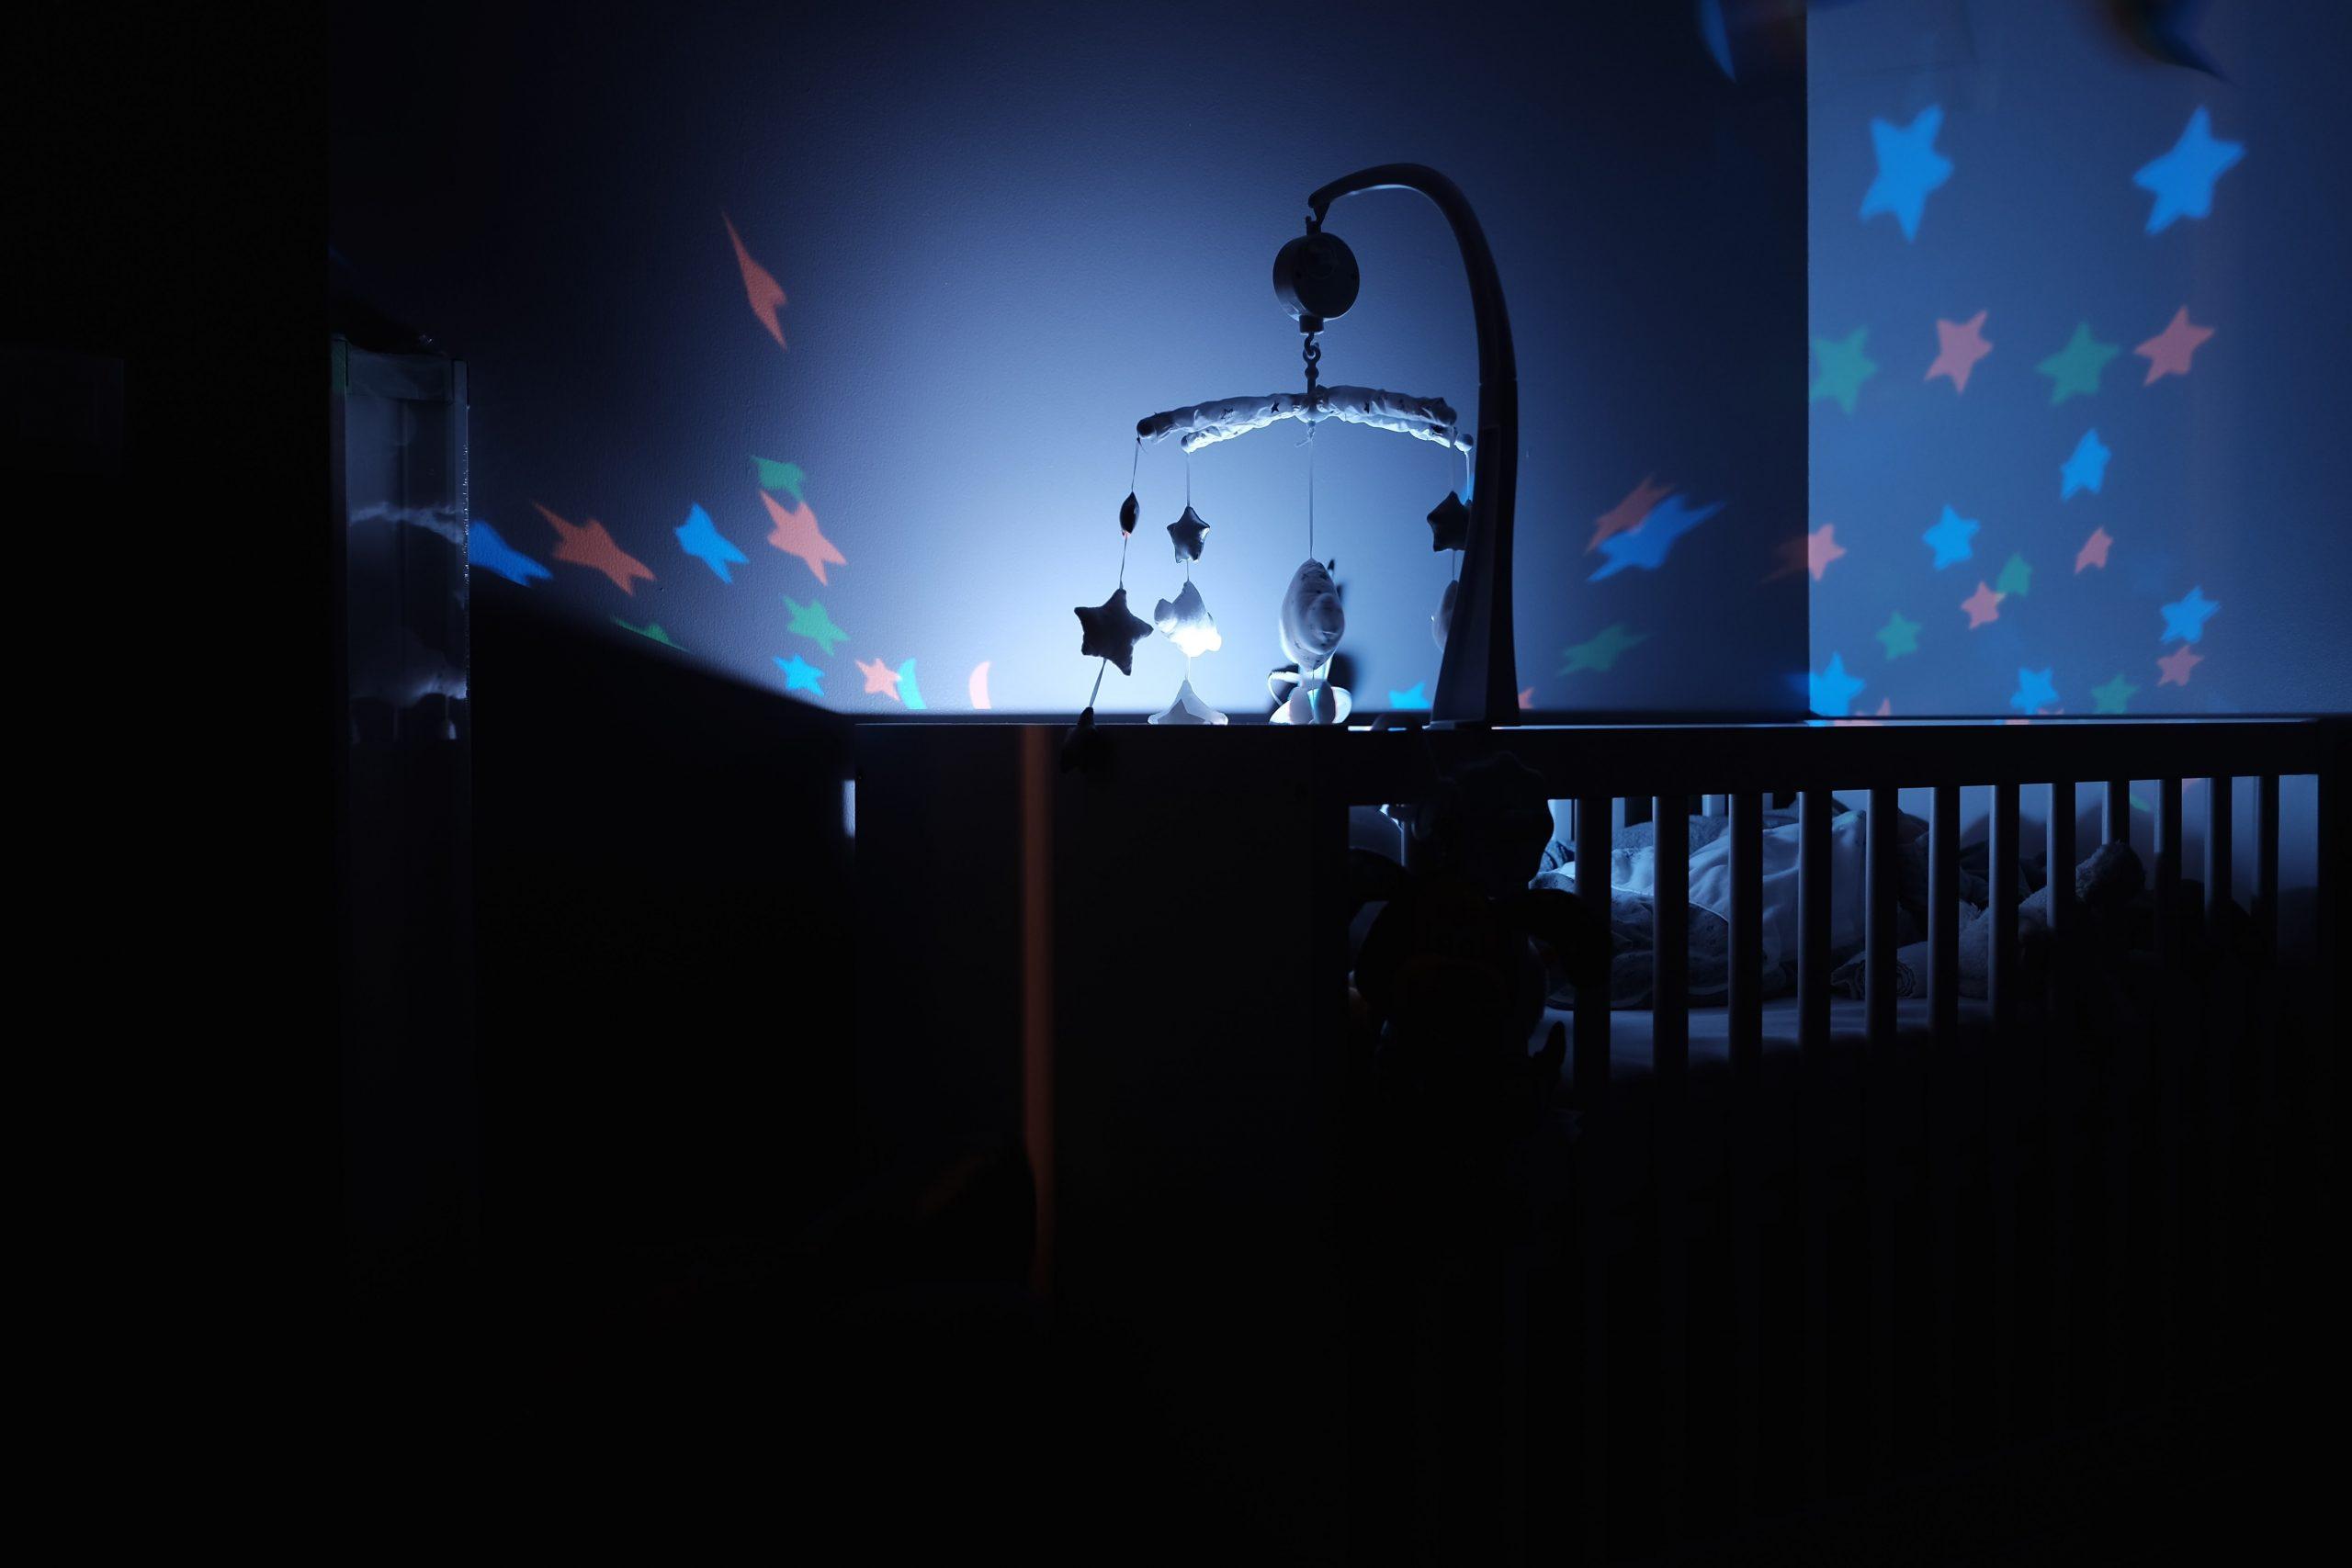 Na foto um berço em um quarto escuro com luzes em formato de estrela.